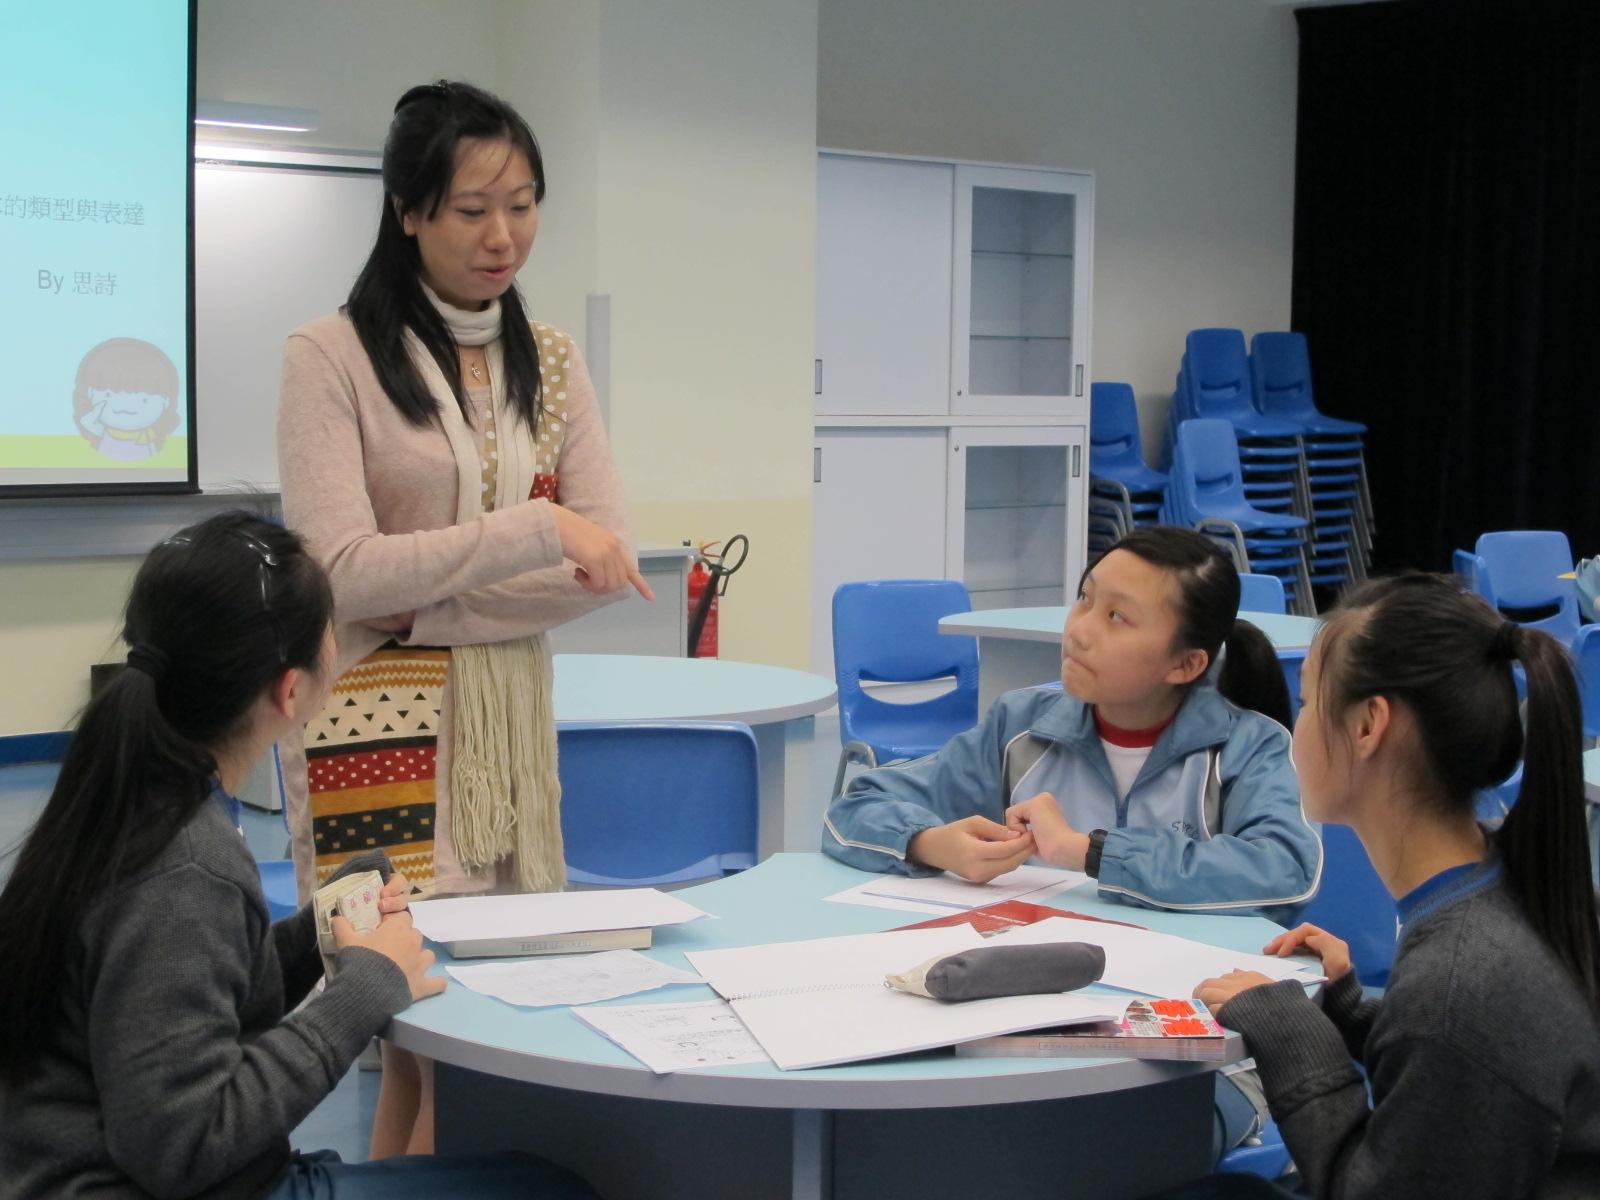 20121212 創意繪本構思創作班 3 – Stewards Pooi Kei College Library —– 香港神託會培基書院圖書館